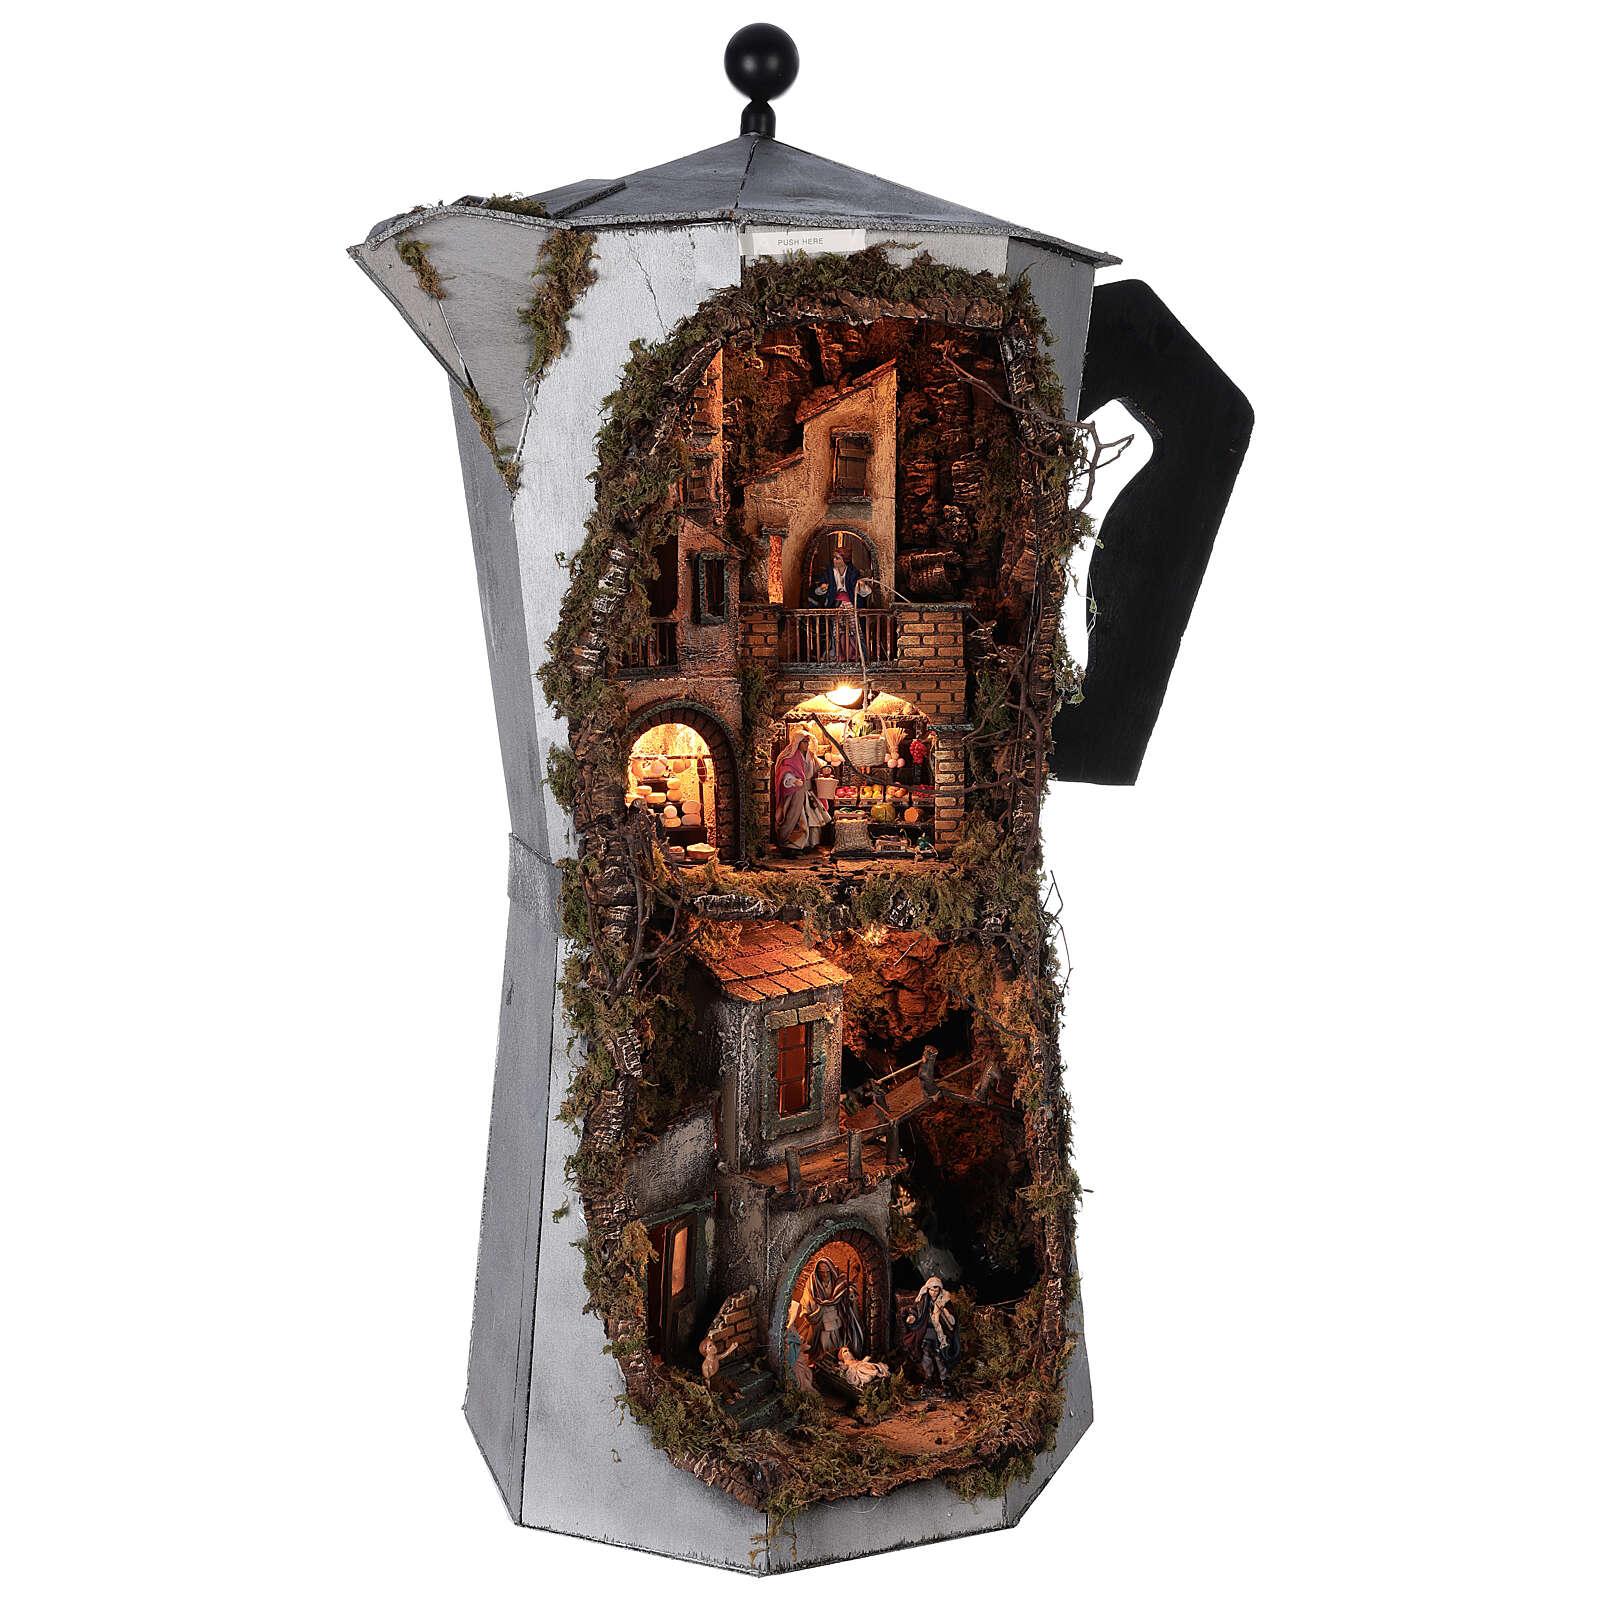 Presepe Moka completo VERO FUMO 100x60x50 napoletano statue terracotta 8 cm 4